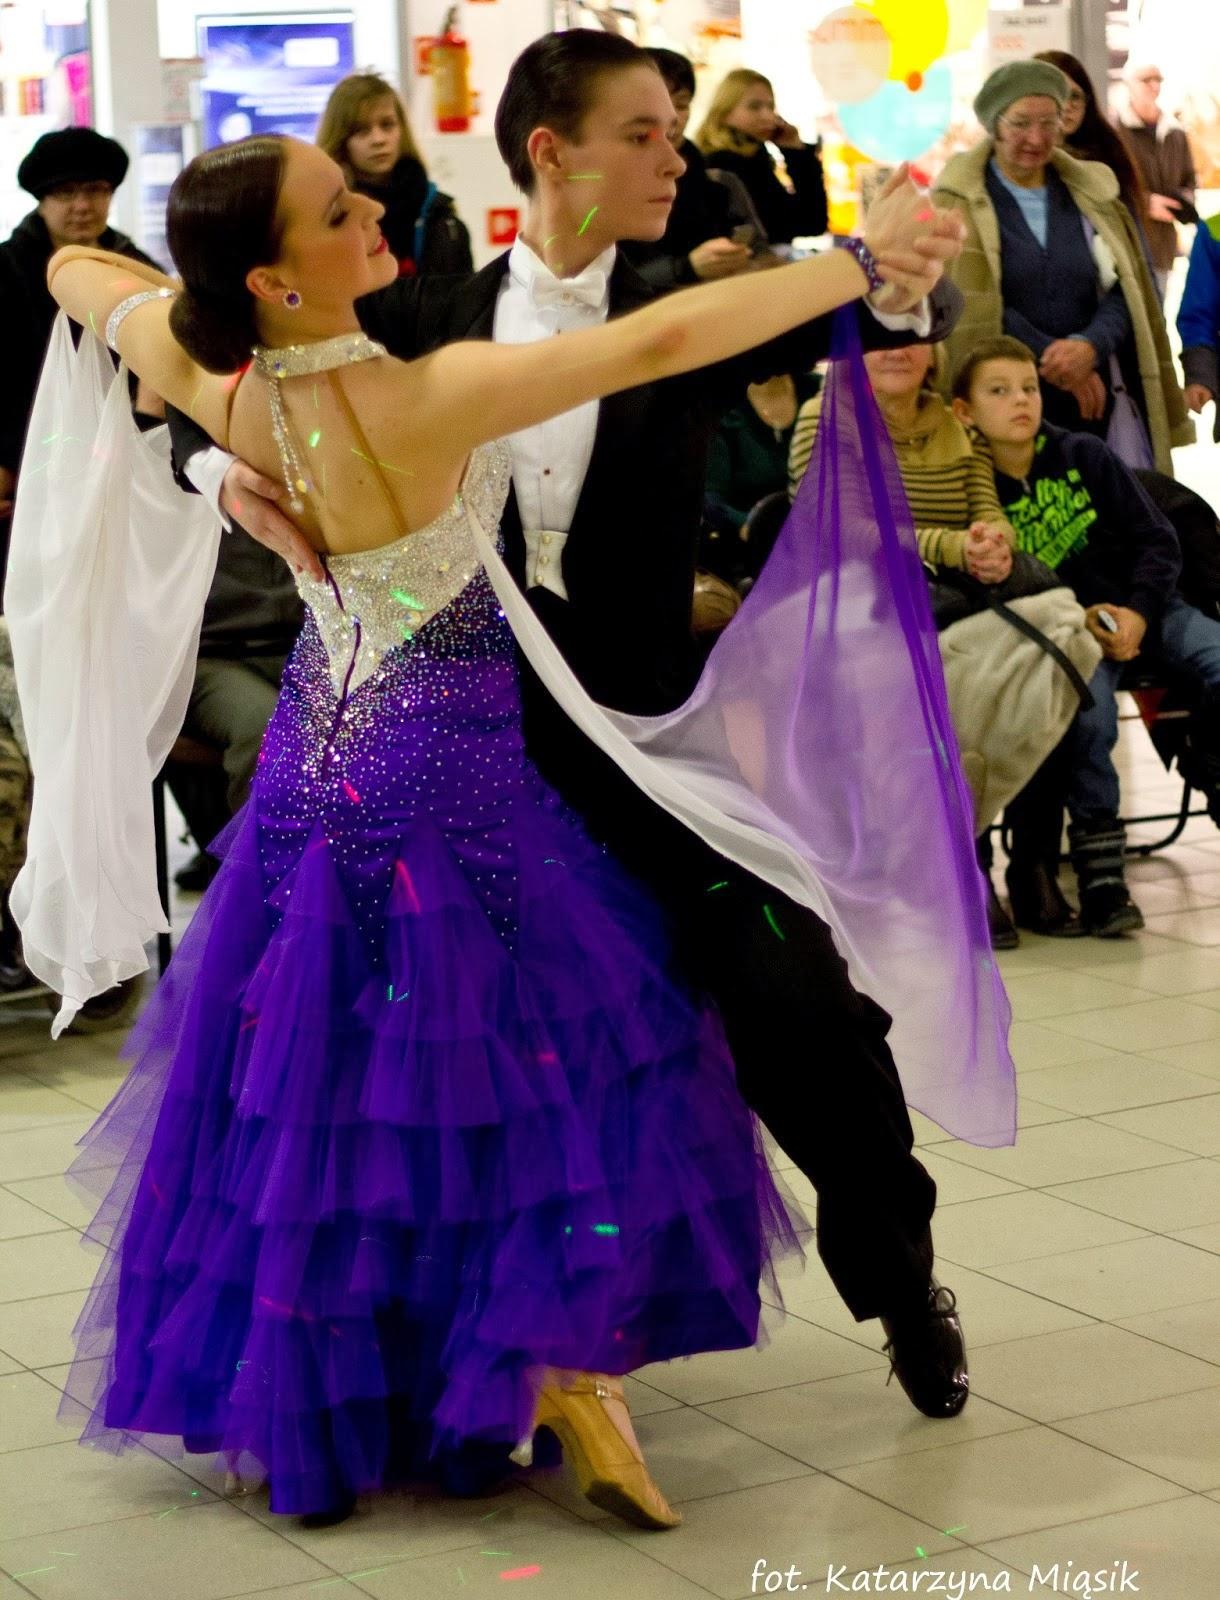 Taneczny zawrót głowy